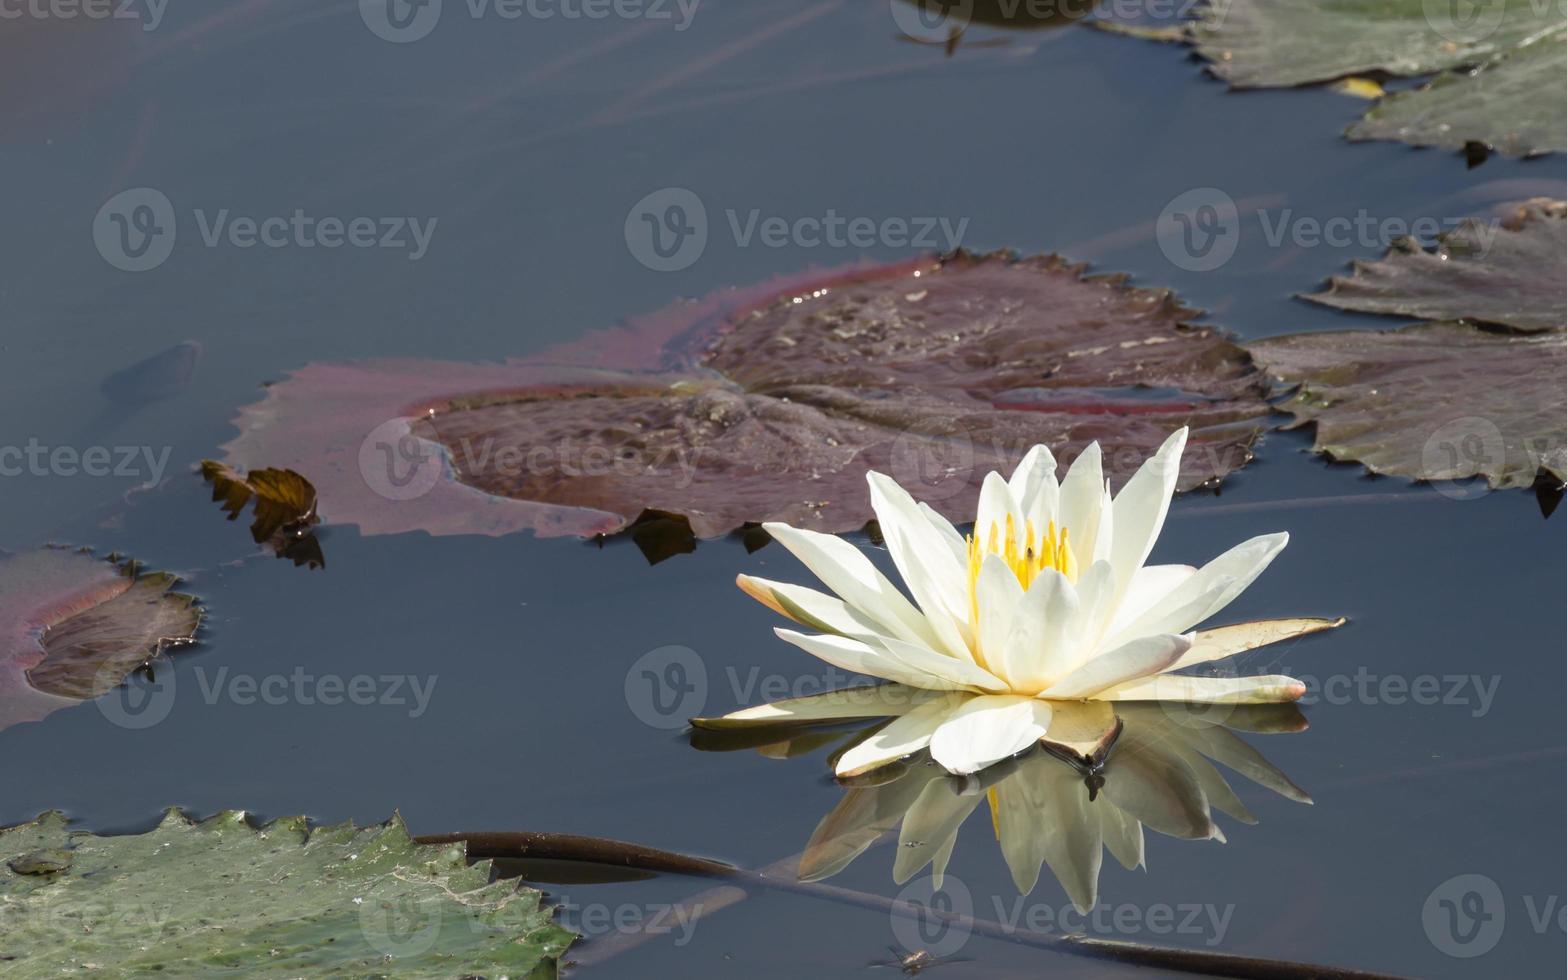 weißer Lotus mit der Refektion foto